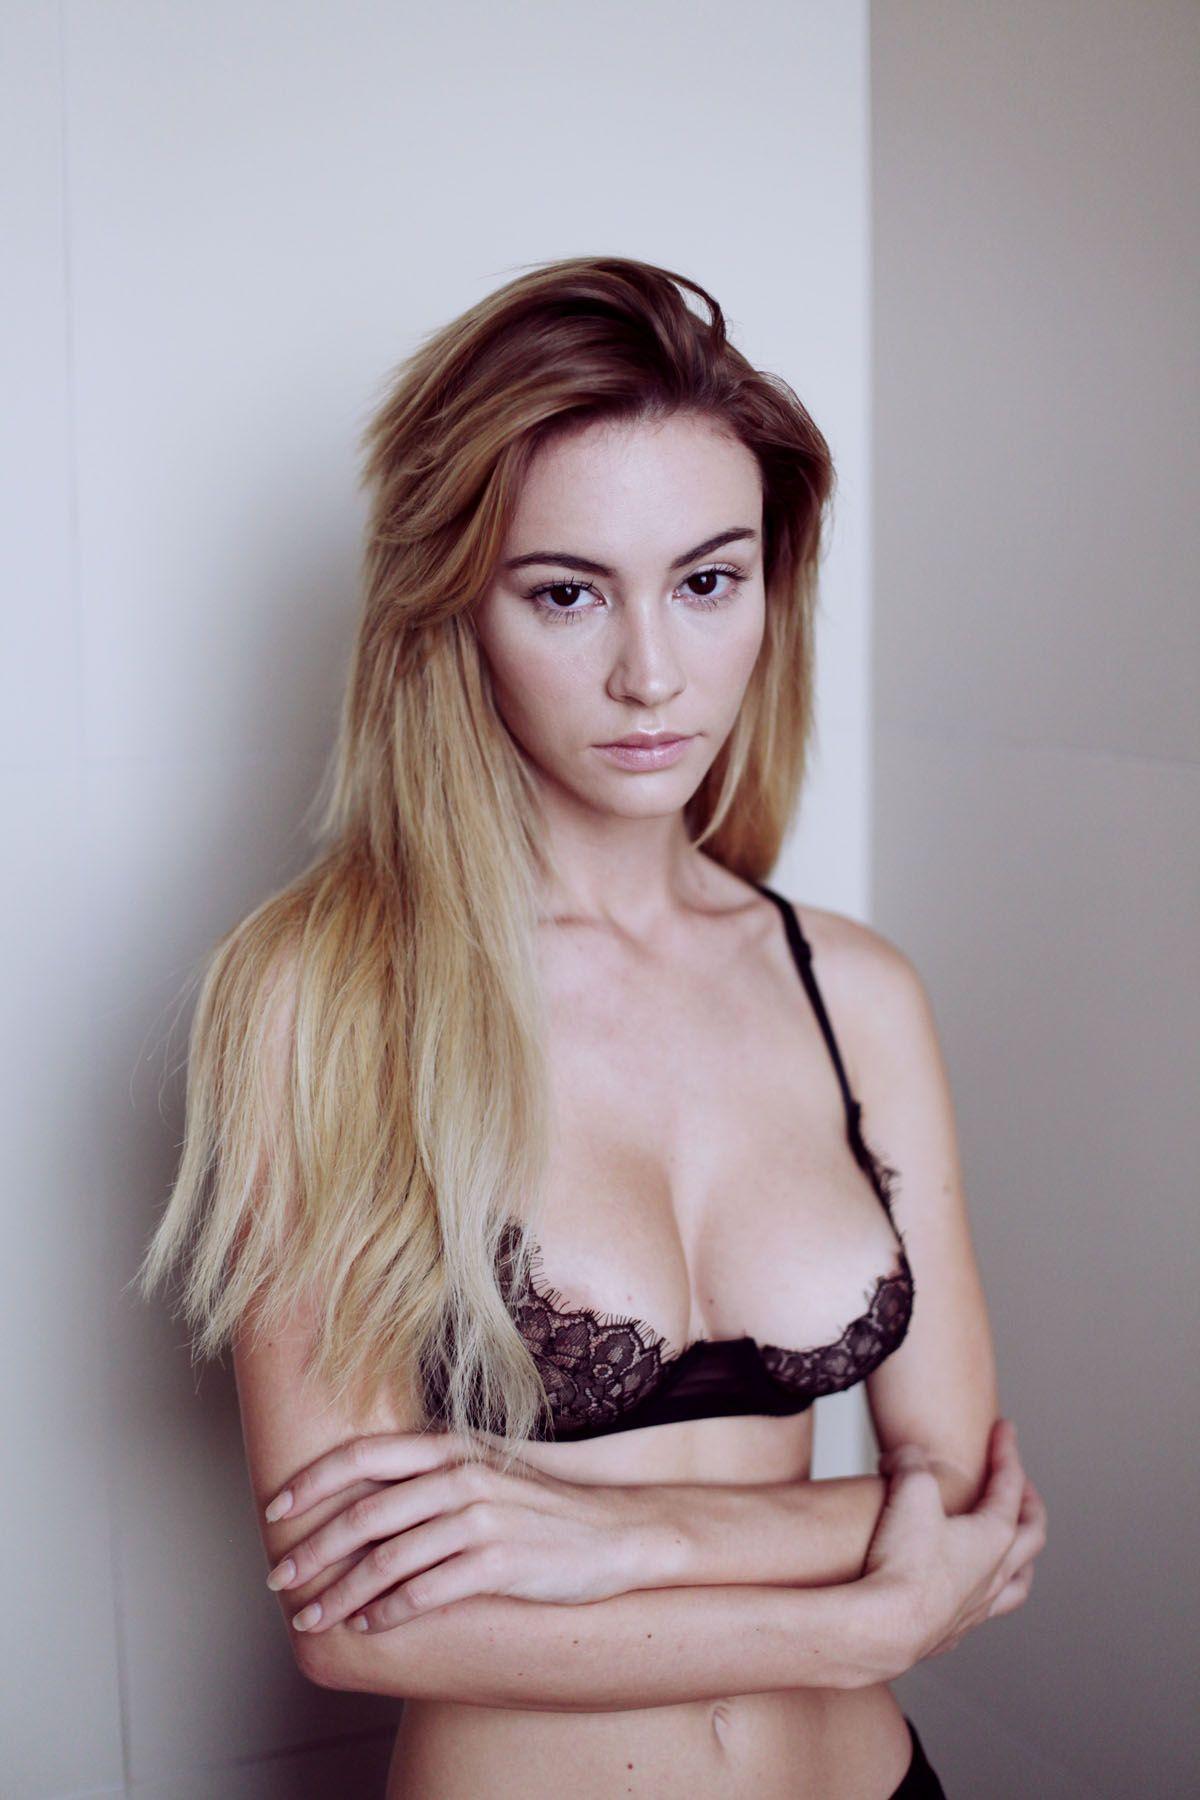 Bryana-Holly-Sexy-13